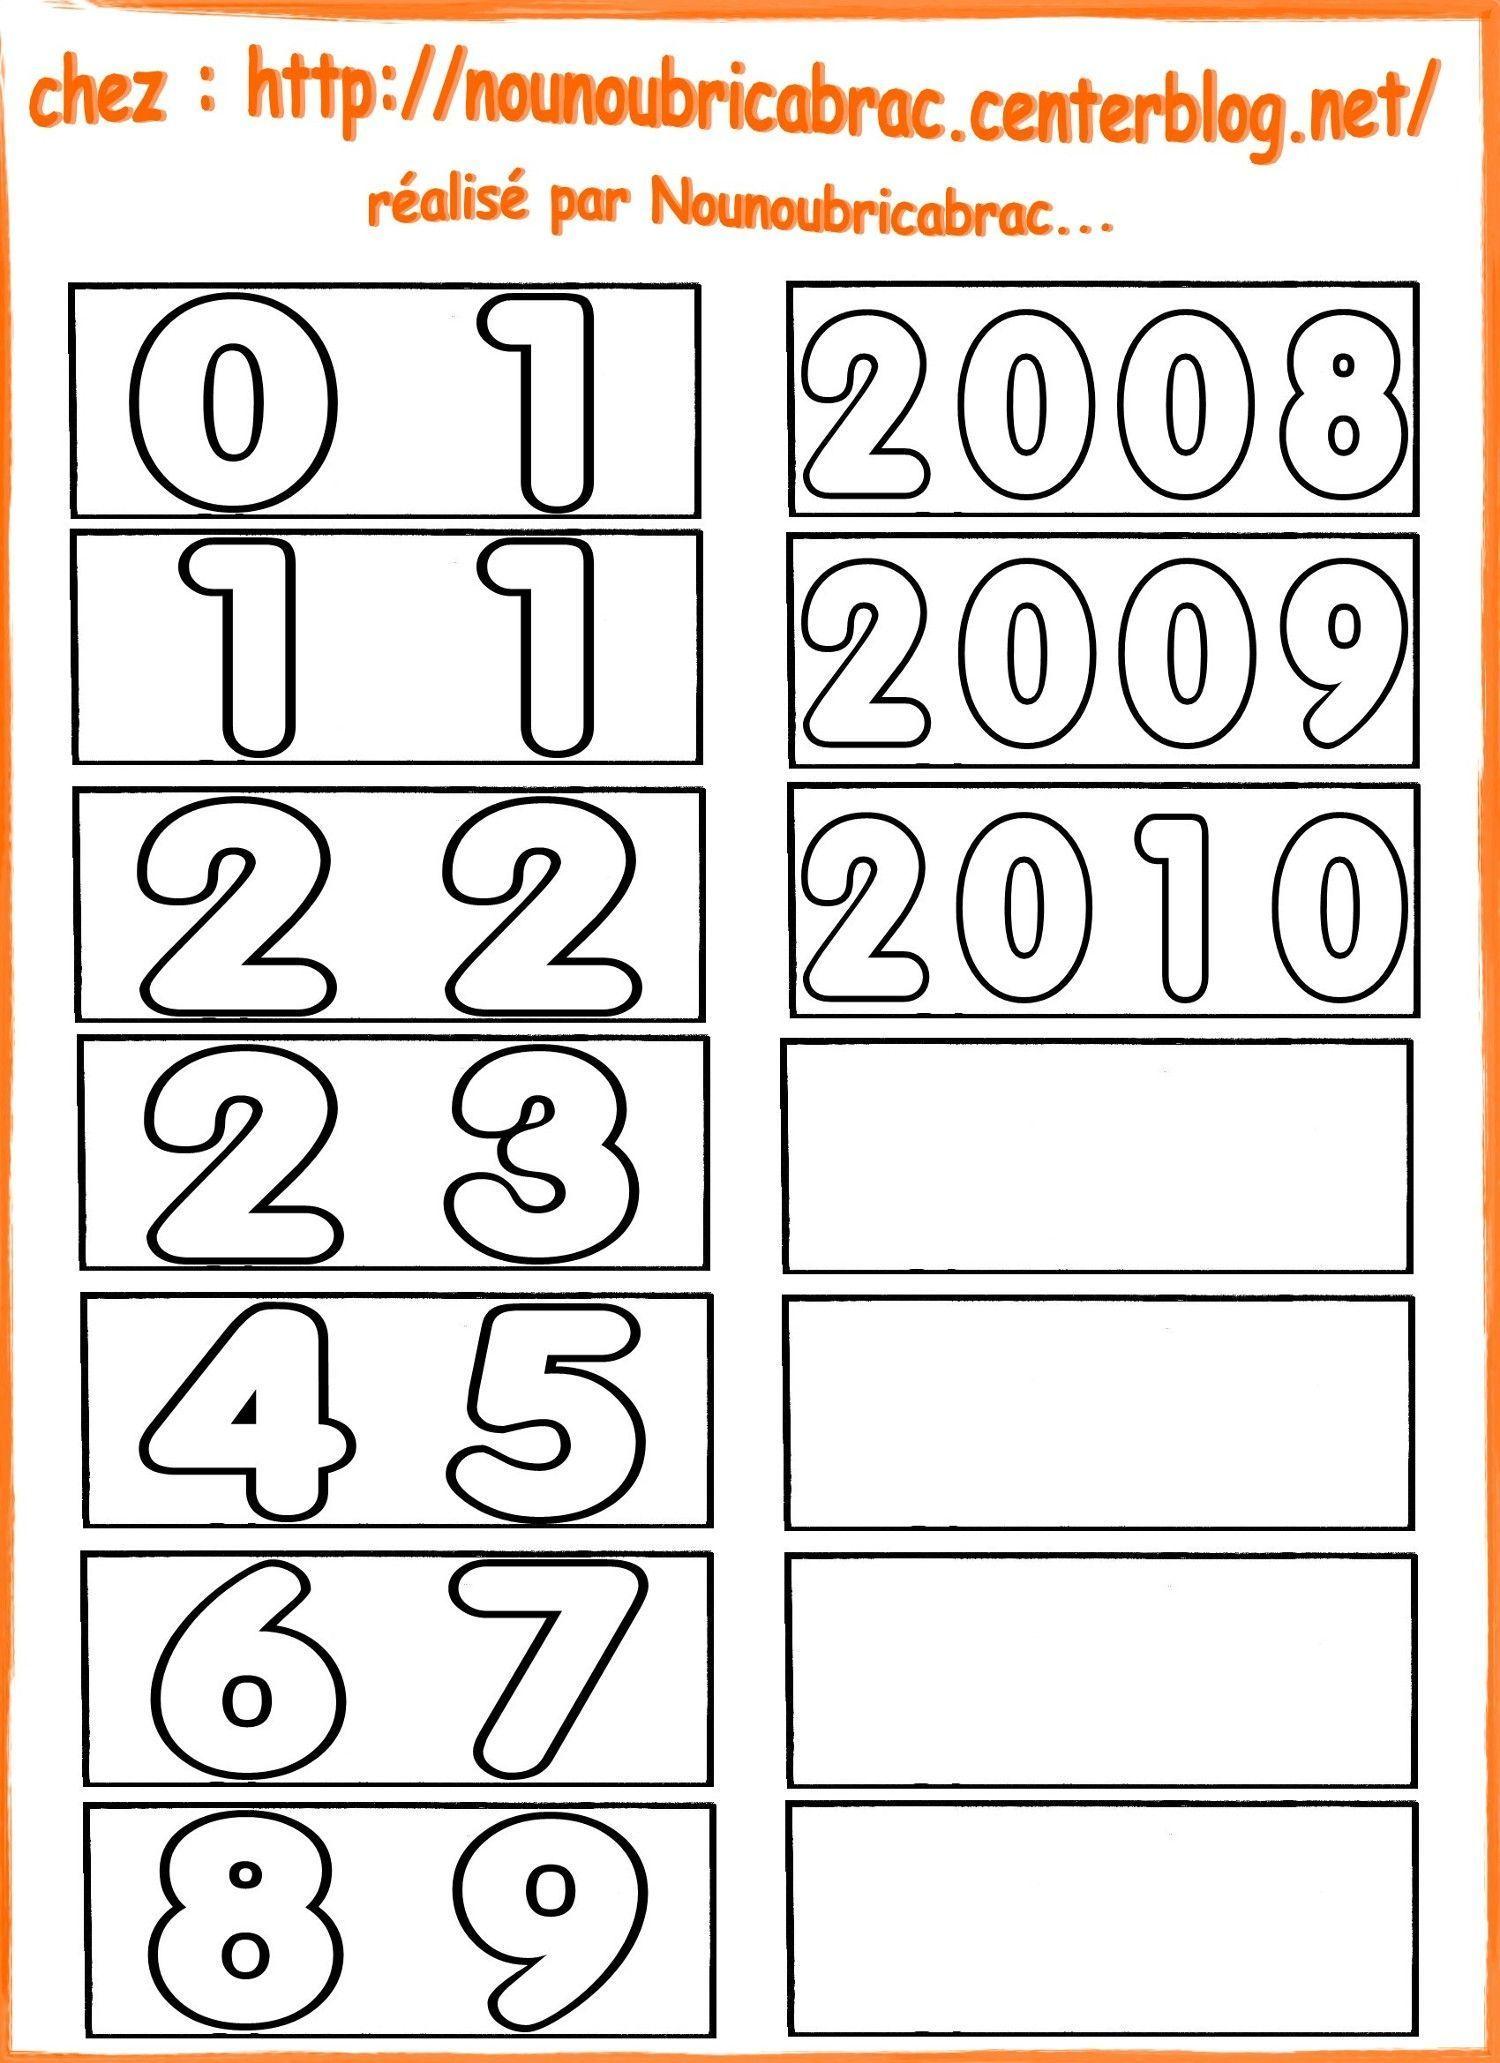 Calendrier pour apprendre ludiquement... les dates et années...